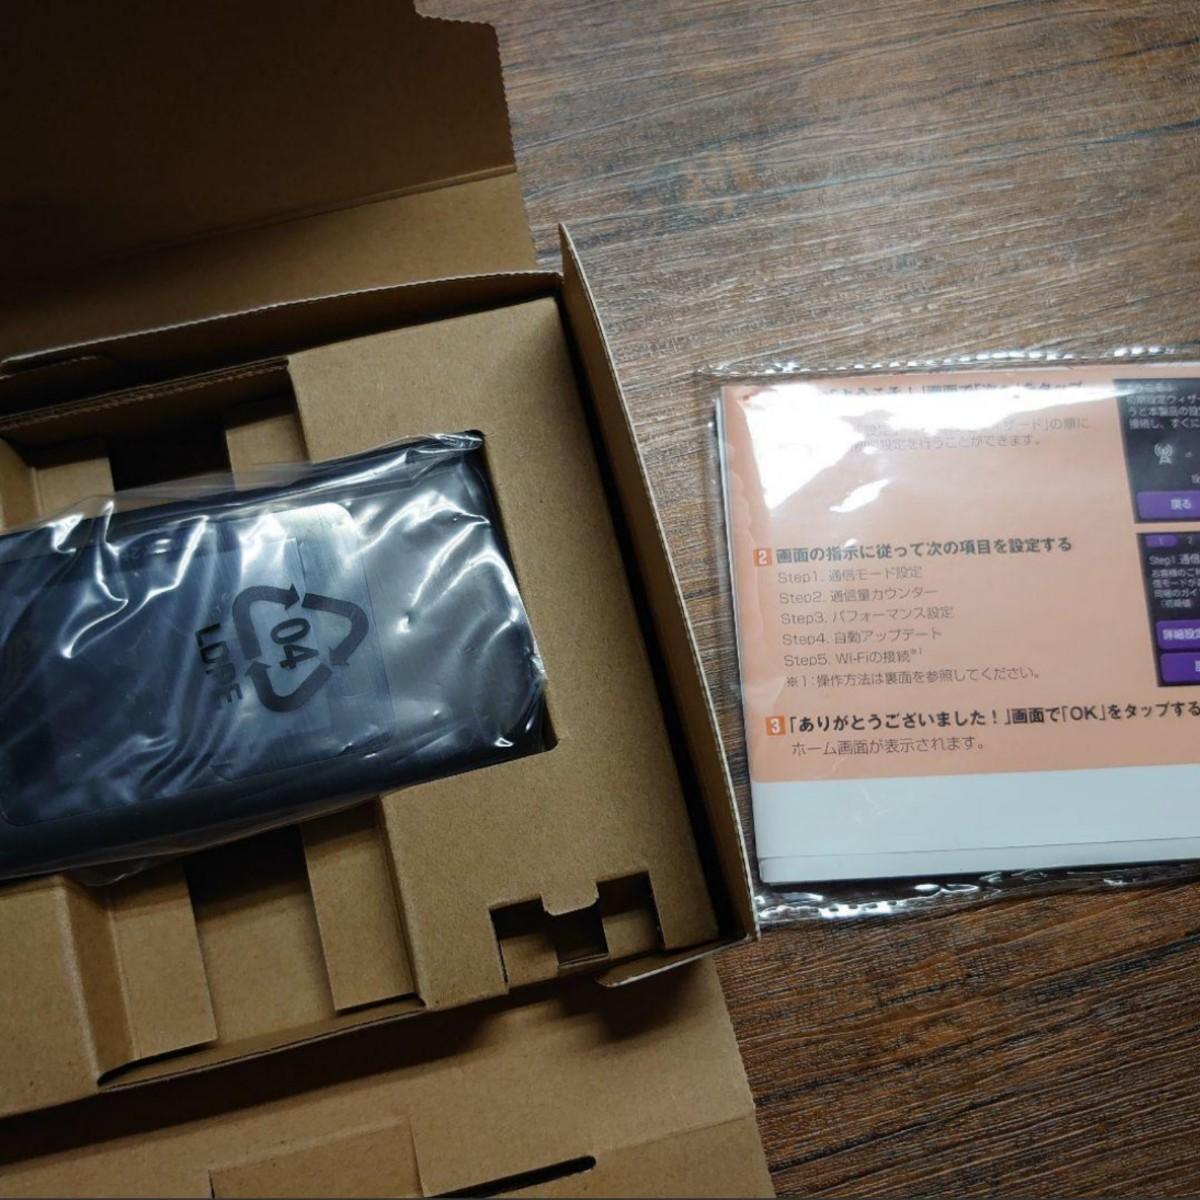 Speed Wi-Fi NEXT W06  UQWiMAXのモバイルルーター